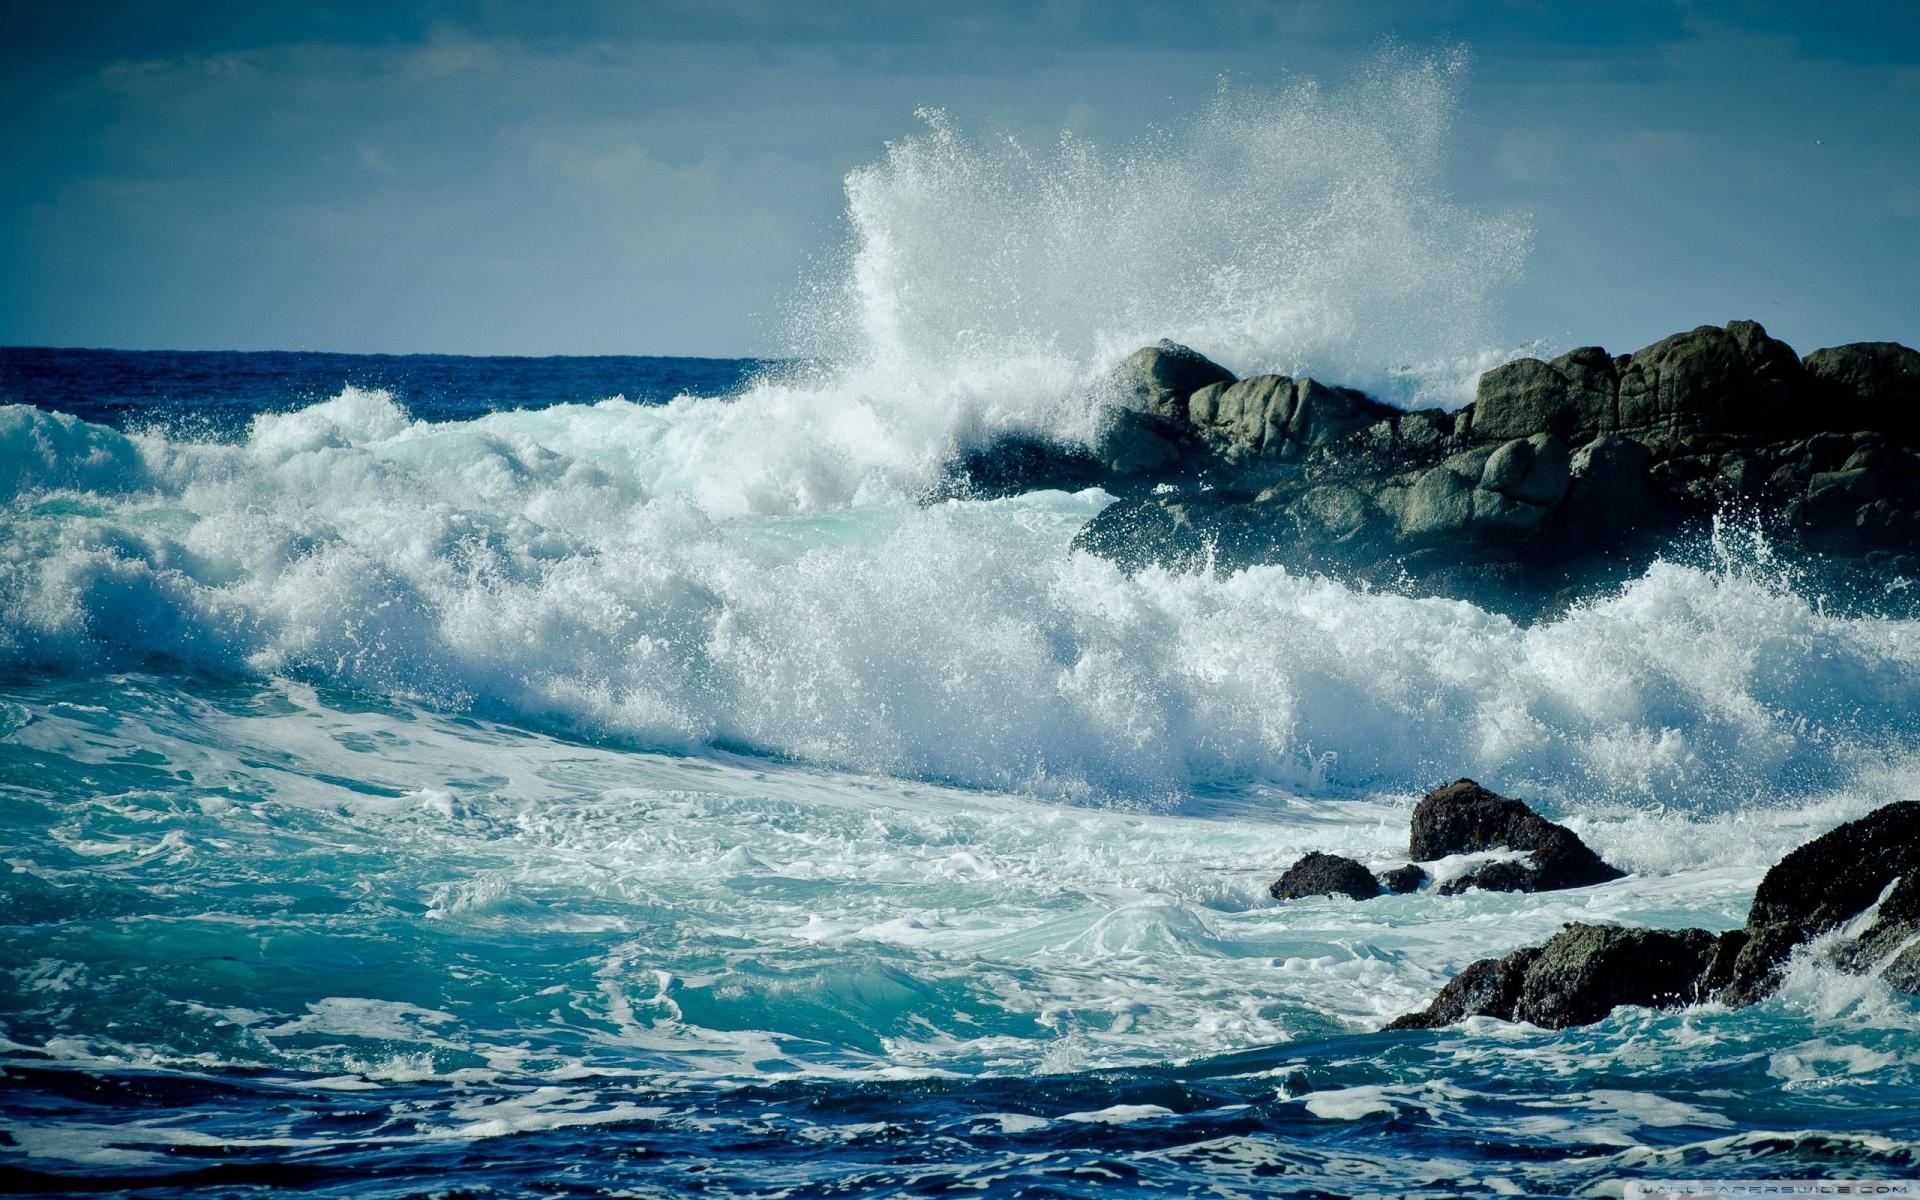 ocean waves photos ocean waves photos ocean waves pictures ocean waves 1920x1200